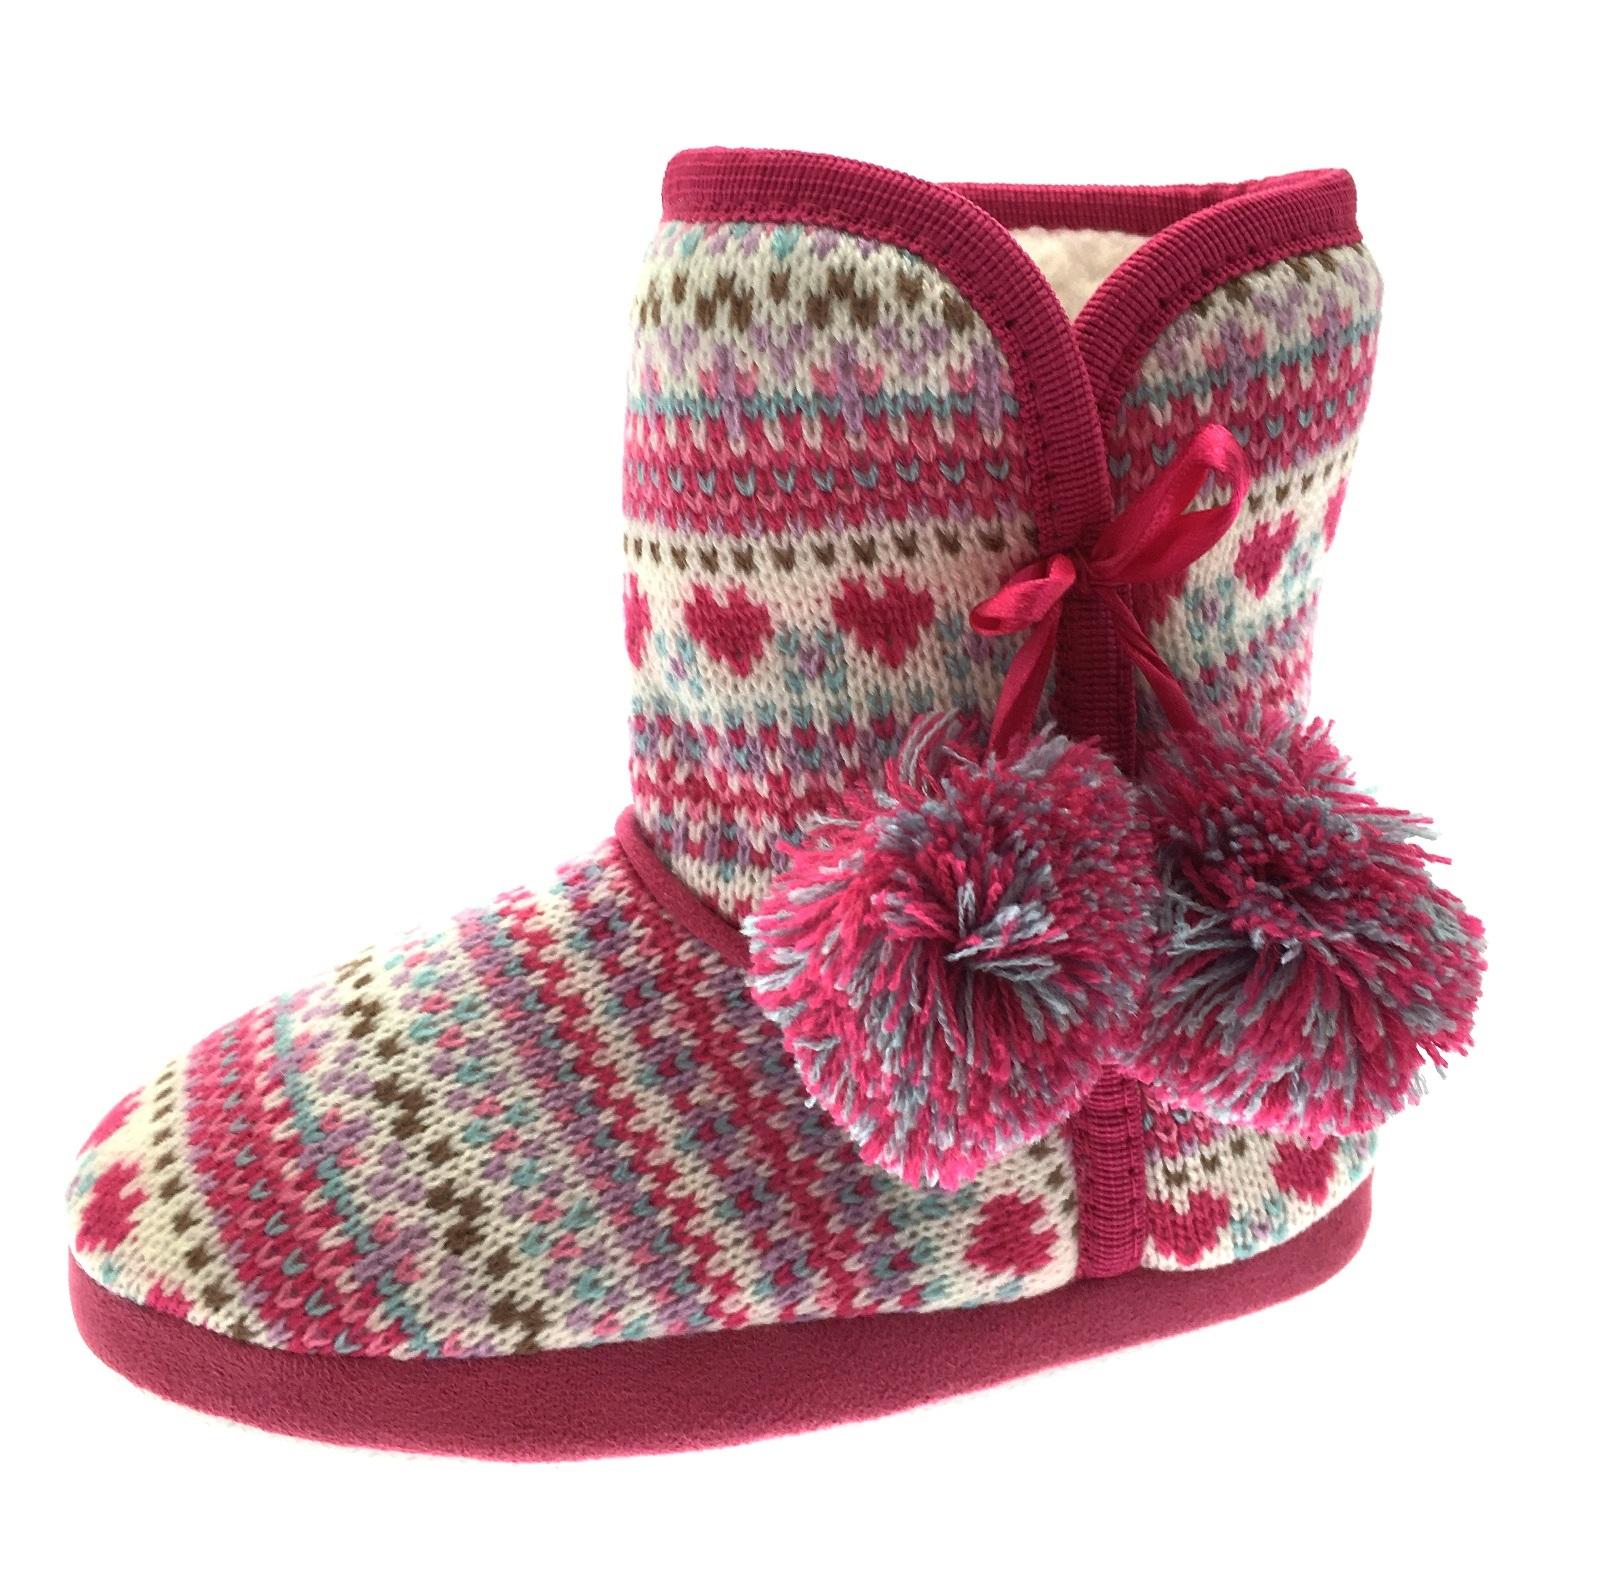 Girls Novelty Slipper Boots Booties